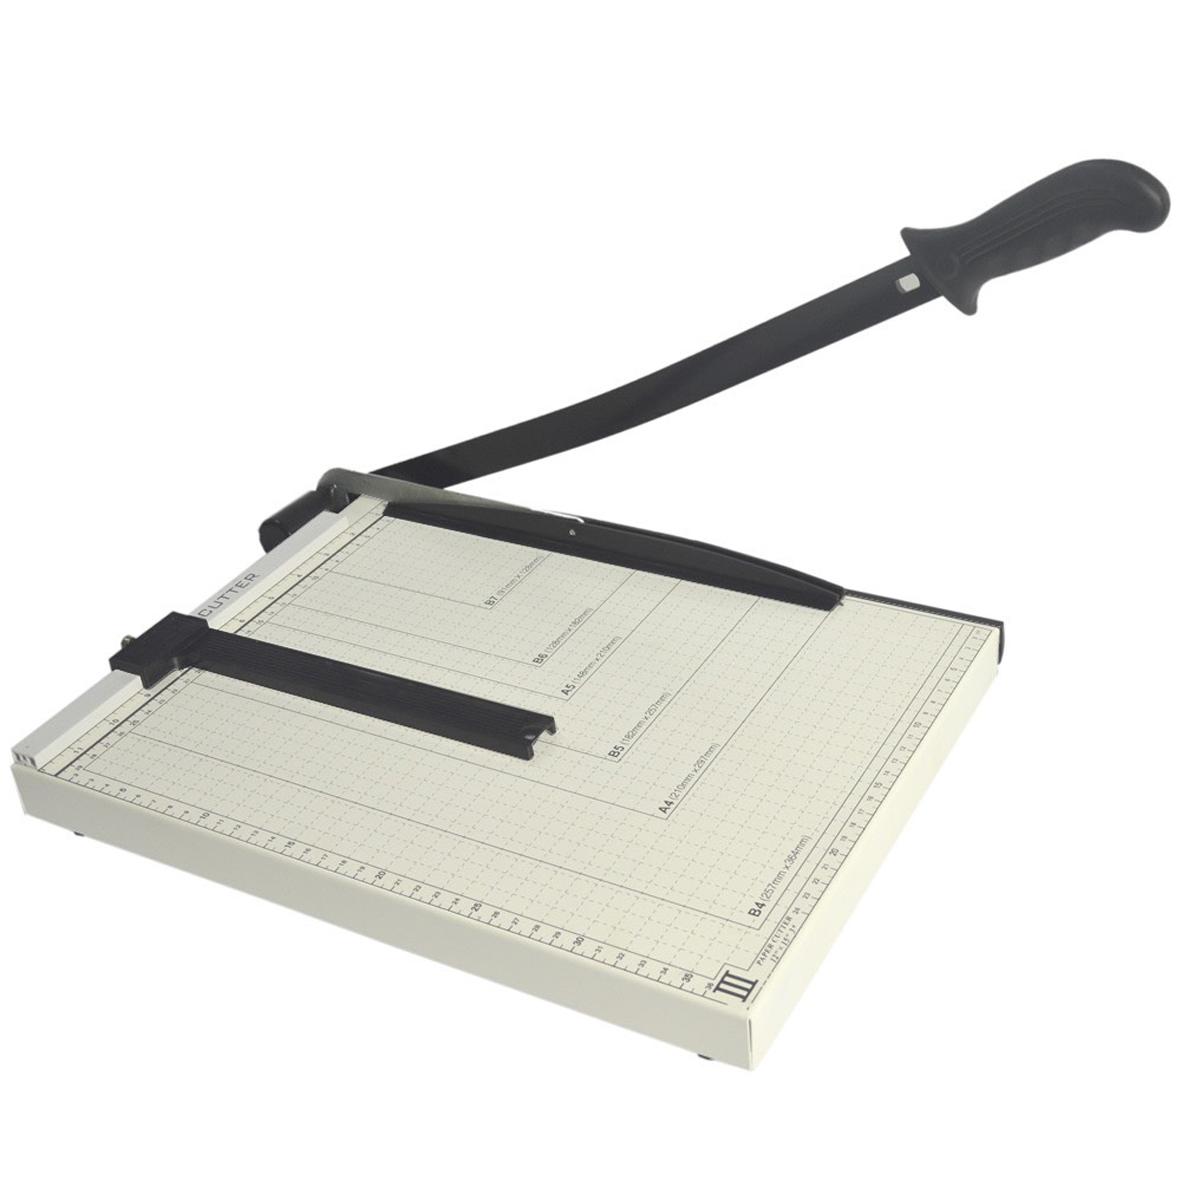 Bàn cắt giấy 829-3 B4